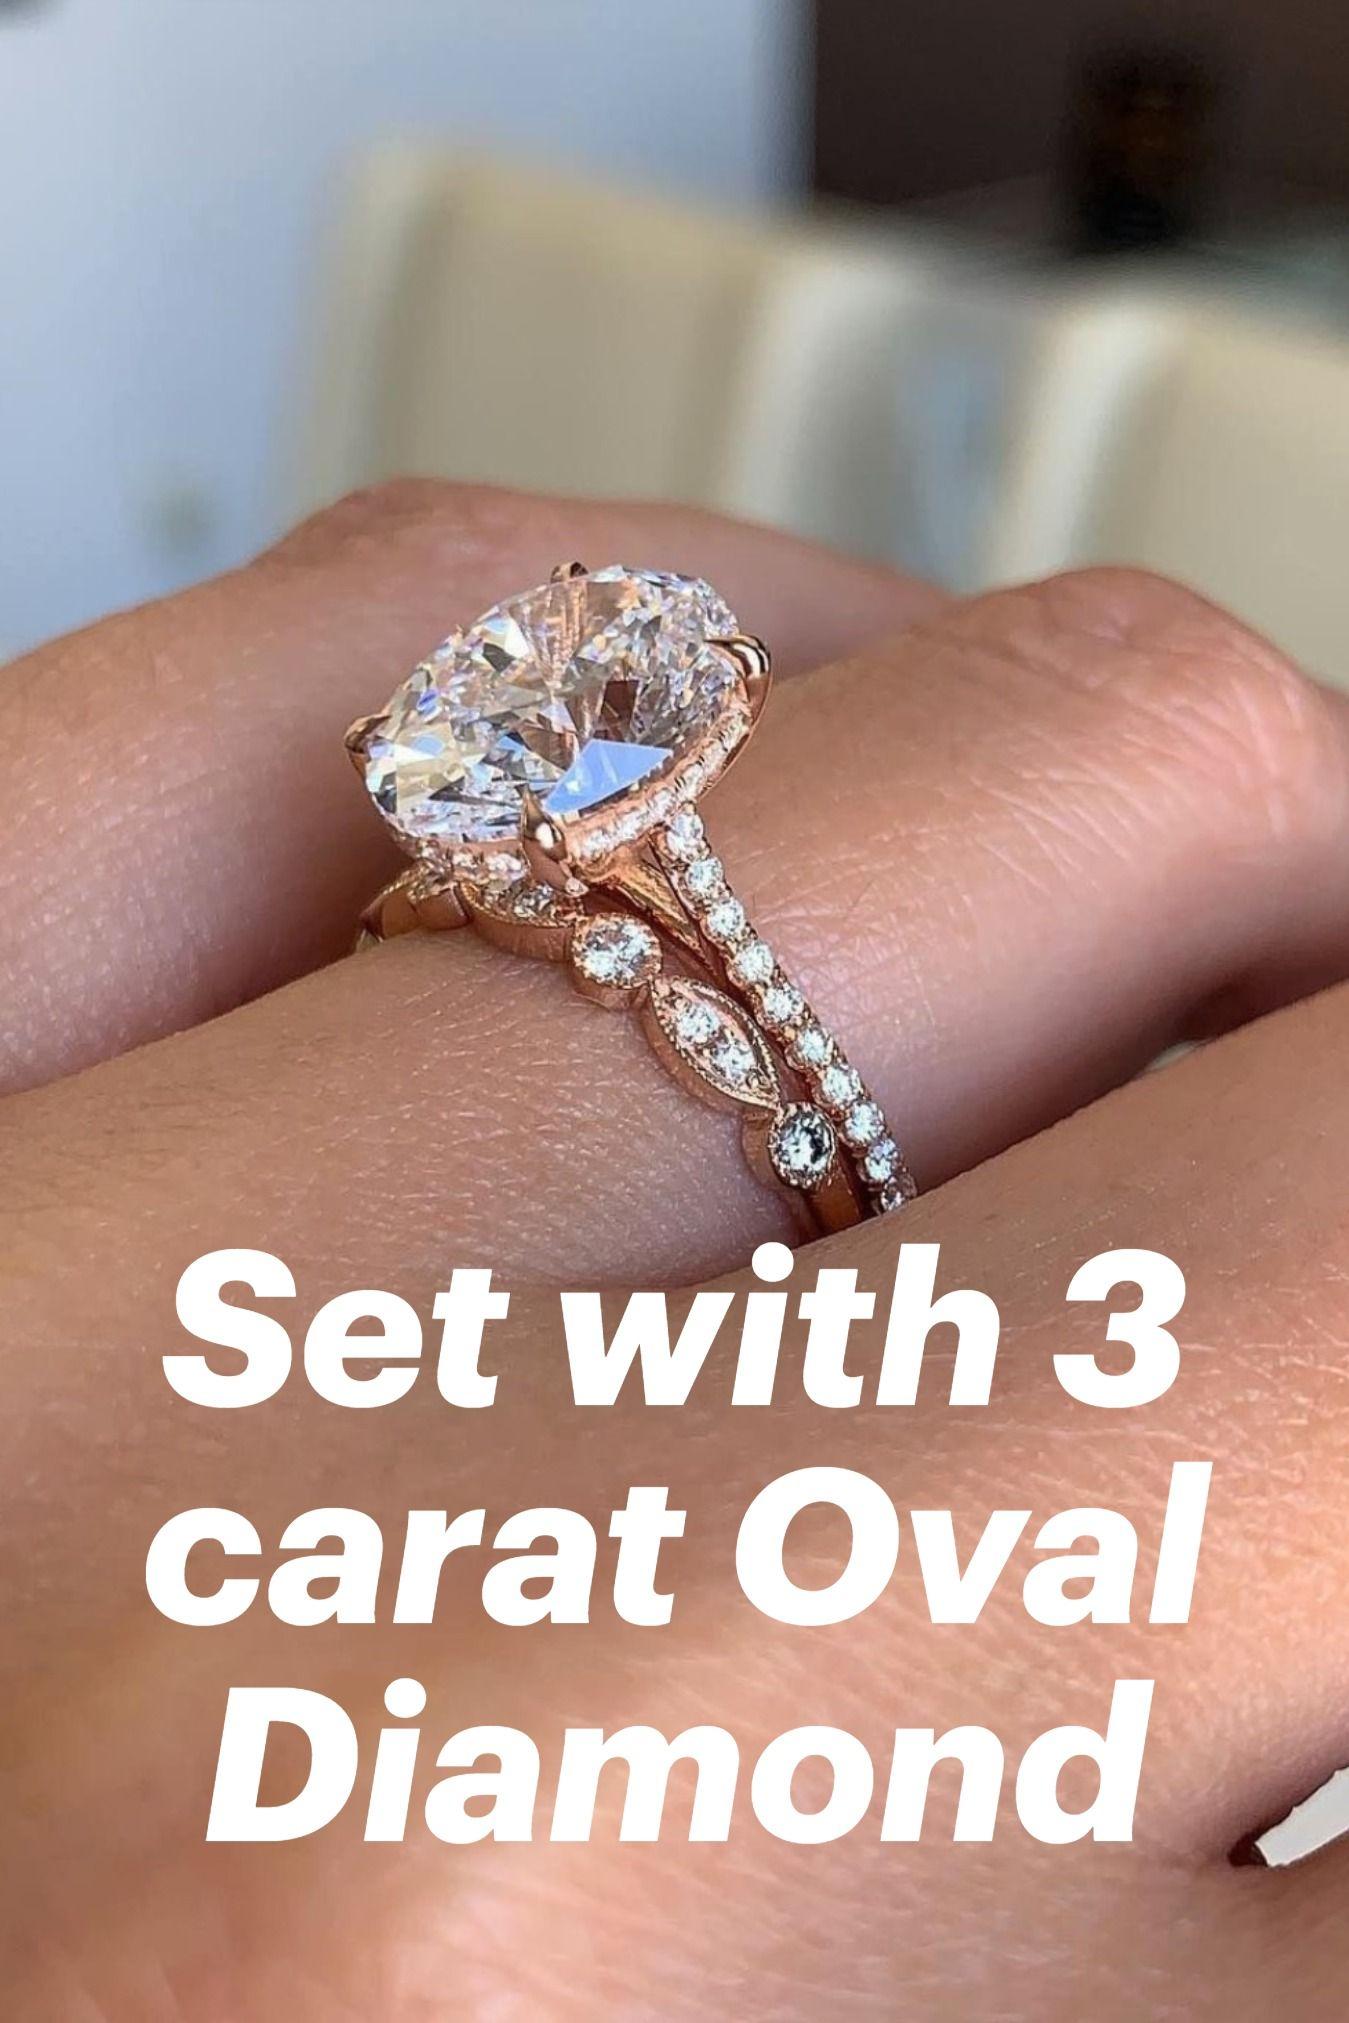 Top 10 Adiamor Rose Gold Engagement Rings In 2020 14k Rose Gold Engagement Rings Beautiful Rose Gold Engagement Rings Engagement Rings